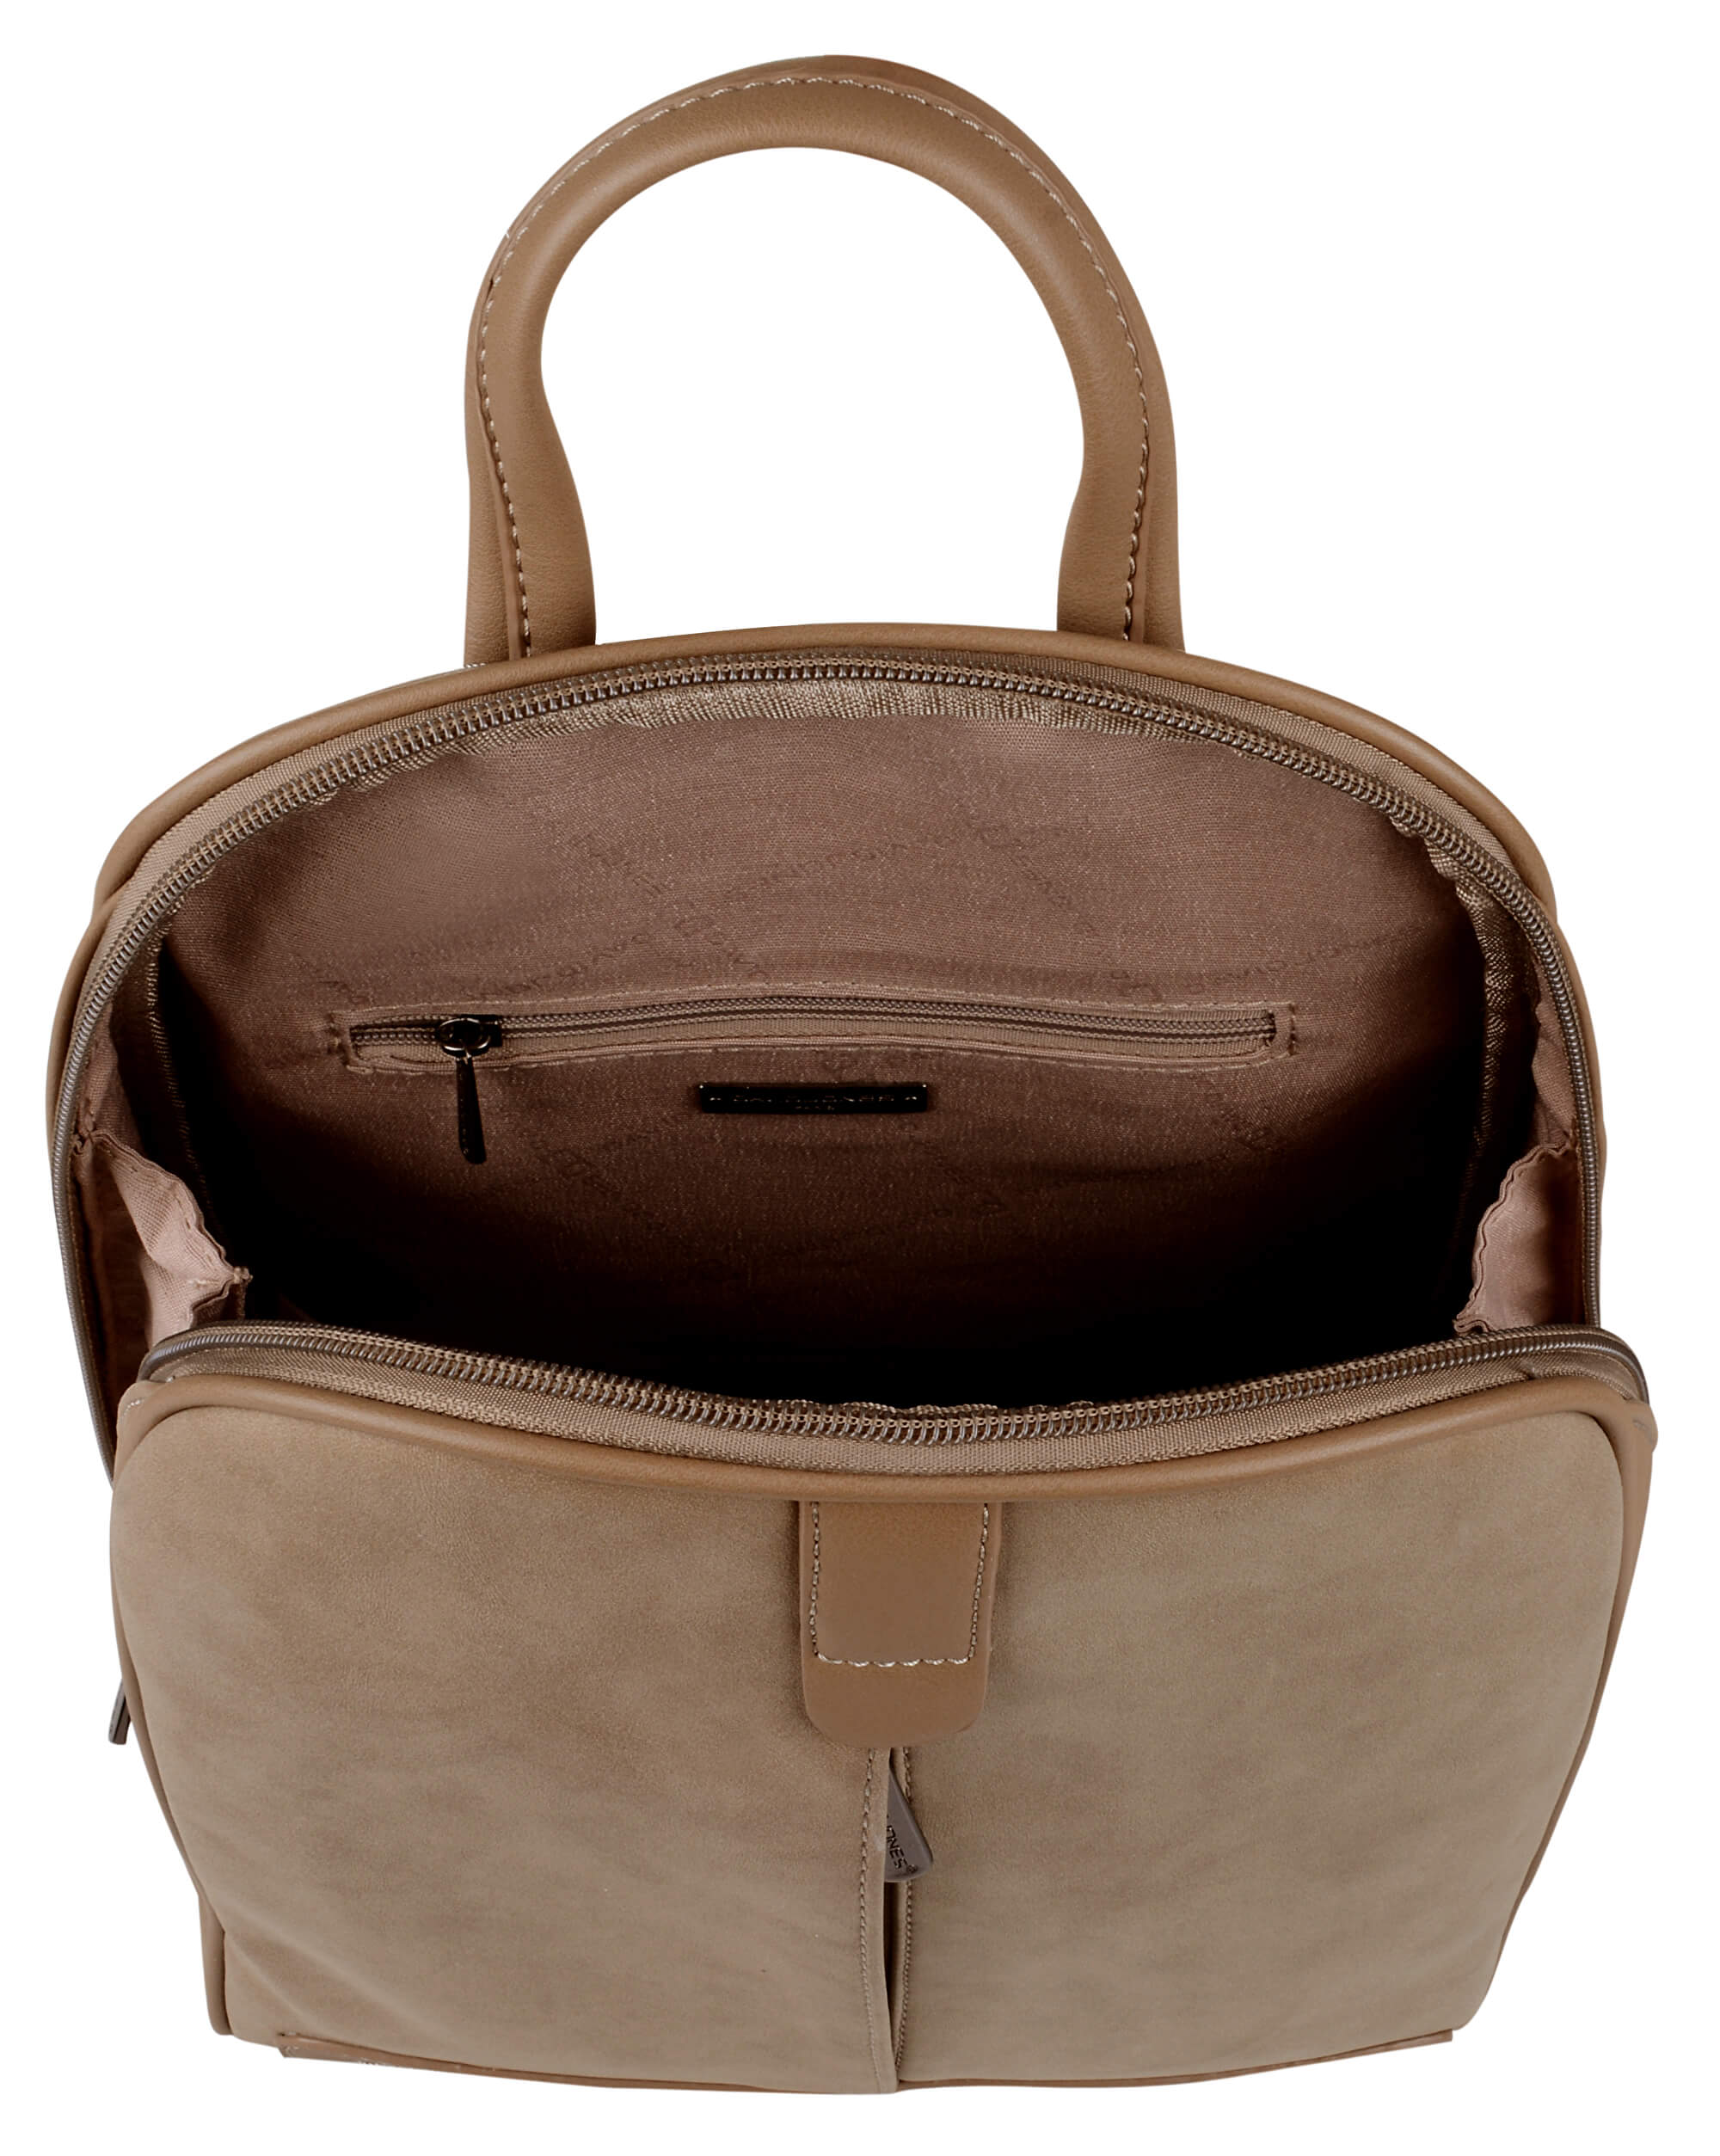 David Jones Női hátizsák Khaki CM3556A. Előző  Következő   171e76c8ee